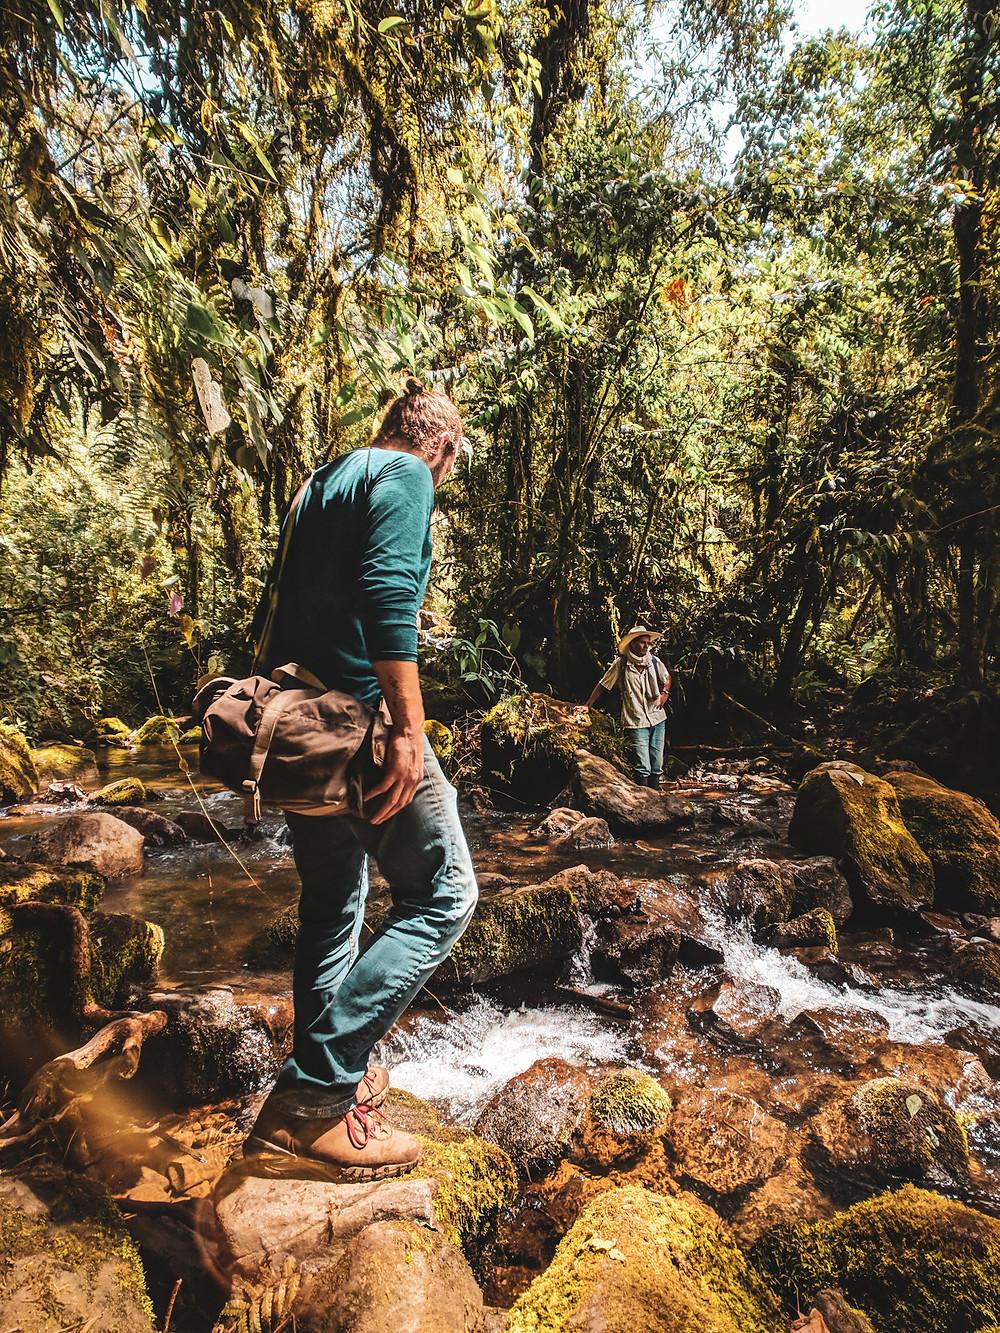 Hiking across rivers in Jardin, Colombia.